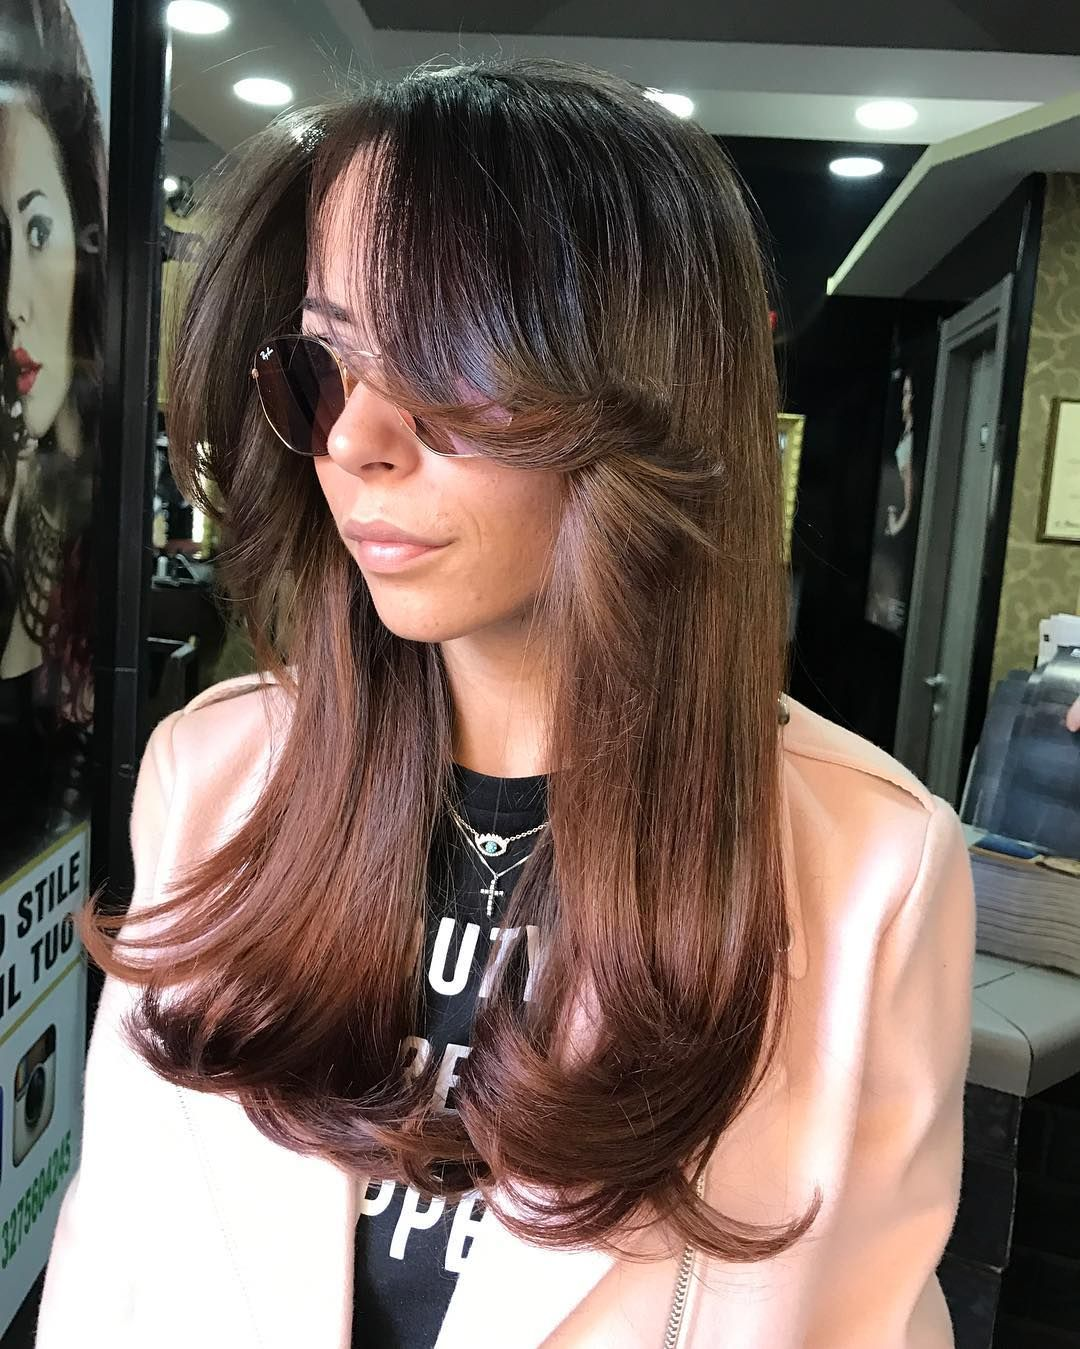 Che Splendore....Che Meraviglia Le Nostre Nuance Sfumature con Pennellate D'amore....Perché i Capelli Più Forti....❤️️ By Erry e G Parrucchieri...!!! . #hair #salone #nola #napoli #roma #milano #erryegparrucchieri#salerno #sorrento #amalfi #arzano #casandrino #portici #pozzuoli #love #instadaily #instagood #follow #avellino #iphonesia #igers #girl #beautiful #igdaily #Shatush #Extension #Amore #Passione #calabria #bari #beautiful